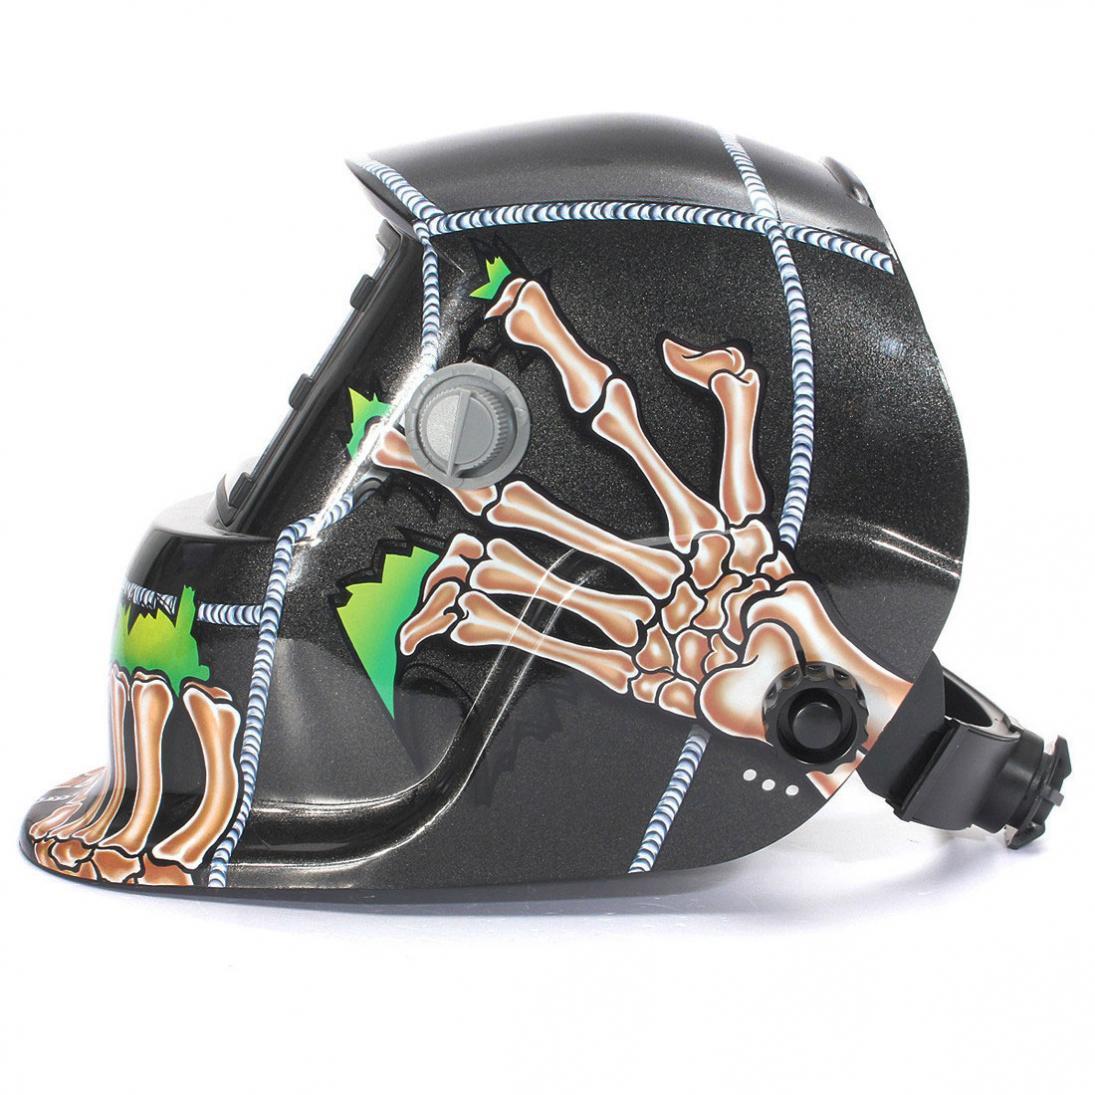 Cool Skull Mask Helmet Solar Auto Welding Helmet Darkening MIG MMA Electric Welding Mask Welding Helmet Welder Cap Welding Lens стоимость